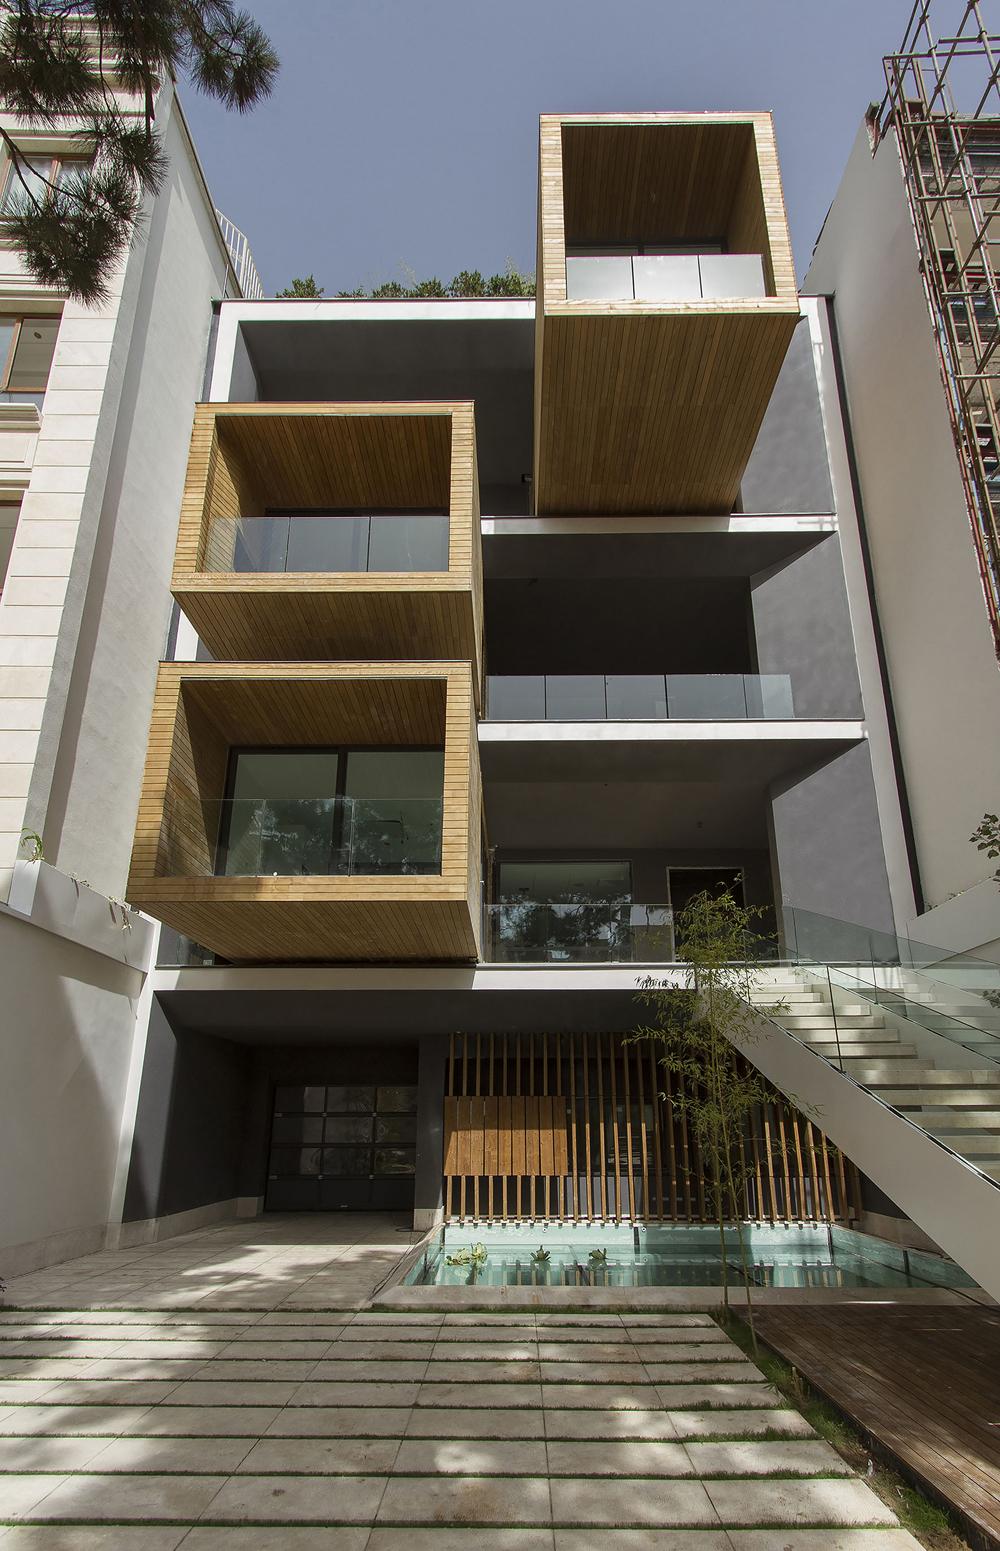 طراحی جالب خانه ای در تهران که سوژه جهانی شد (+عکس)